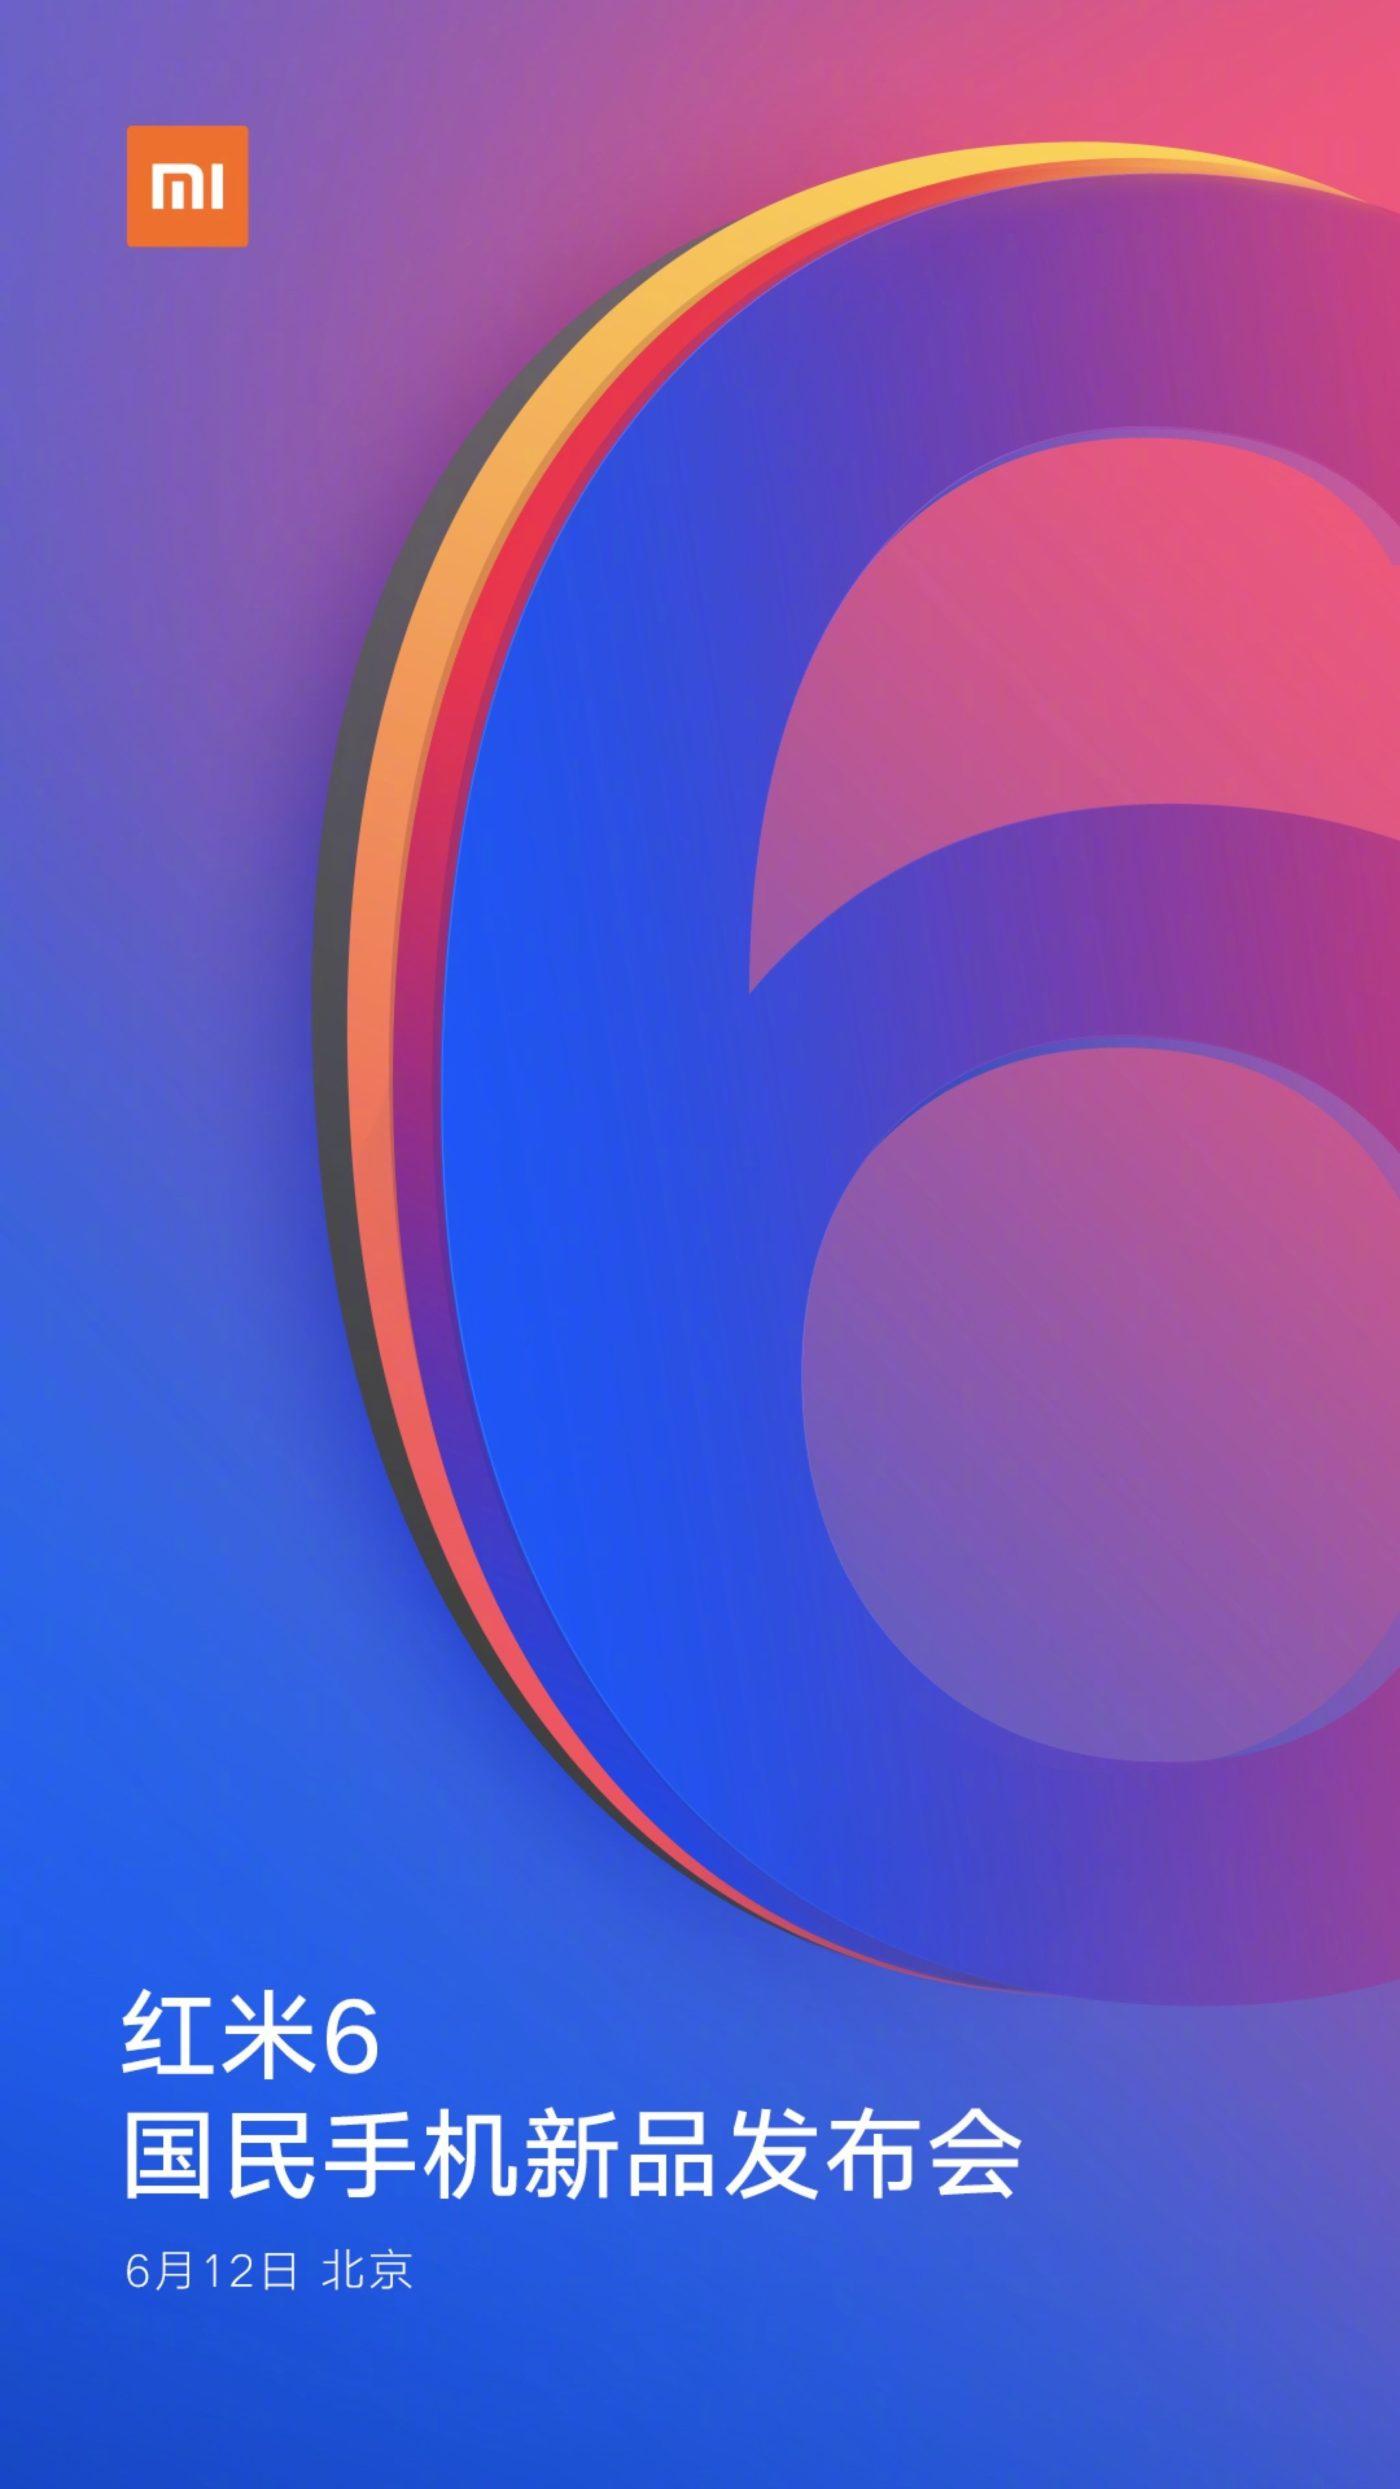 Xiaomi To Reveal Their Redmi 6 Next Week 3